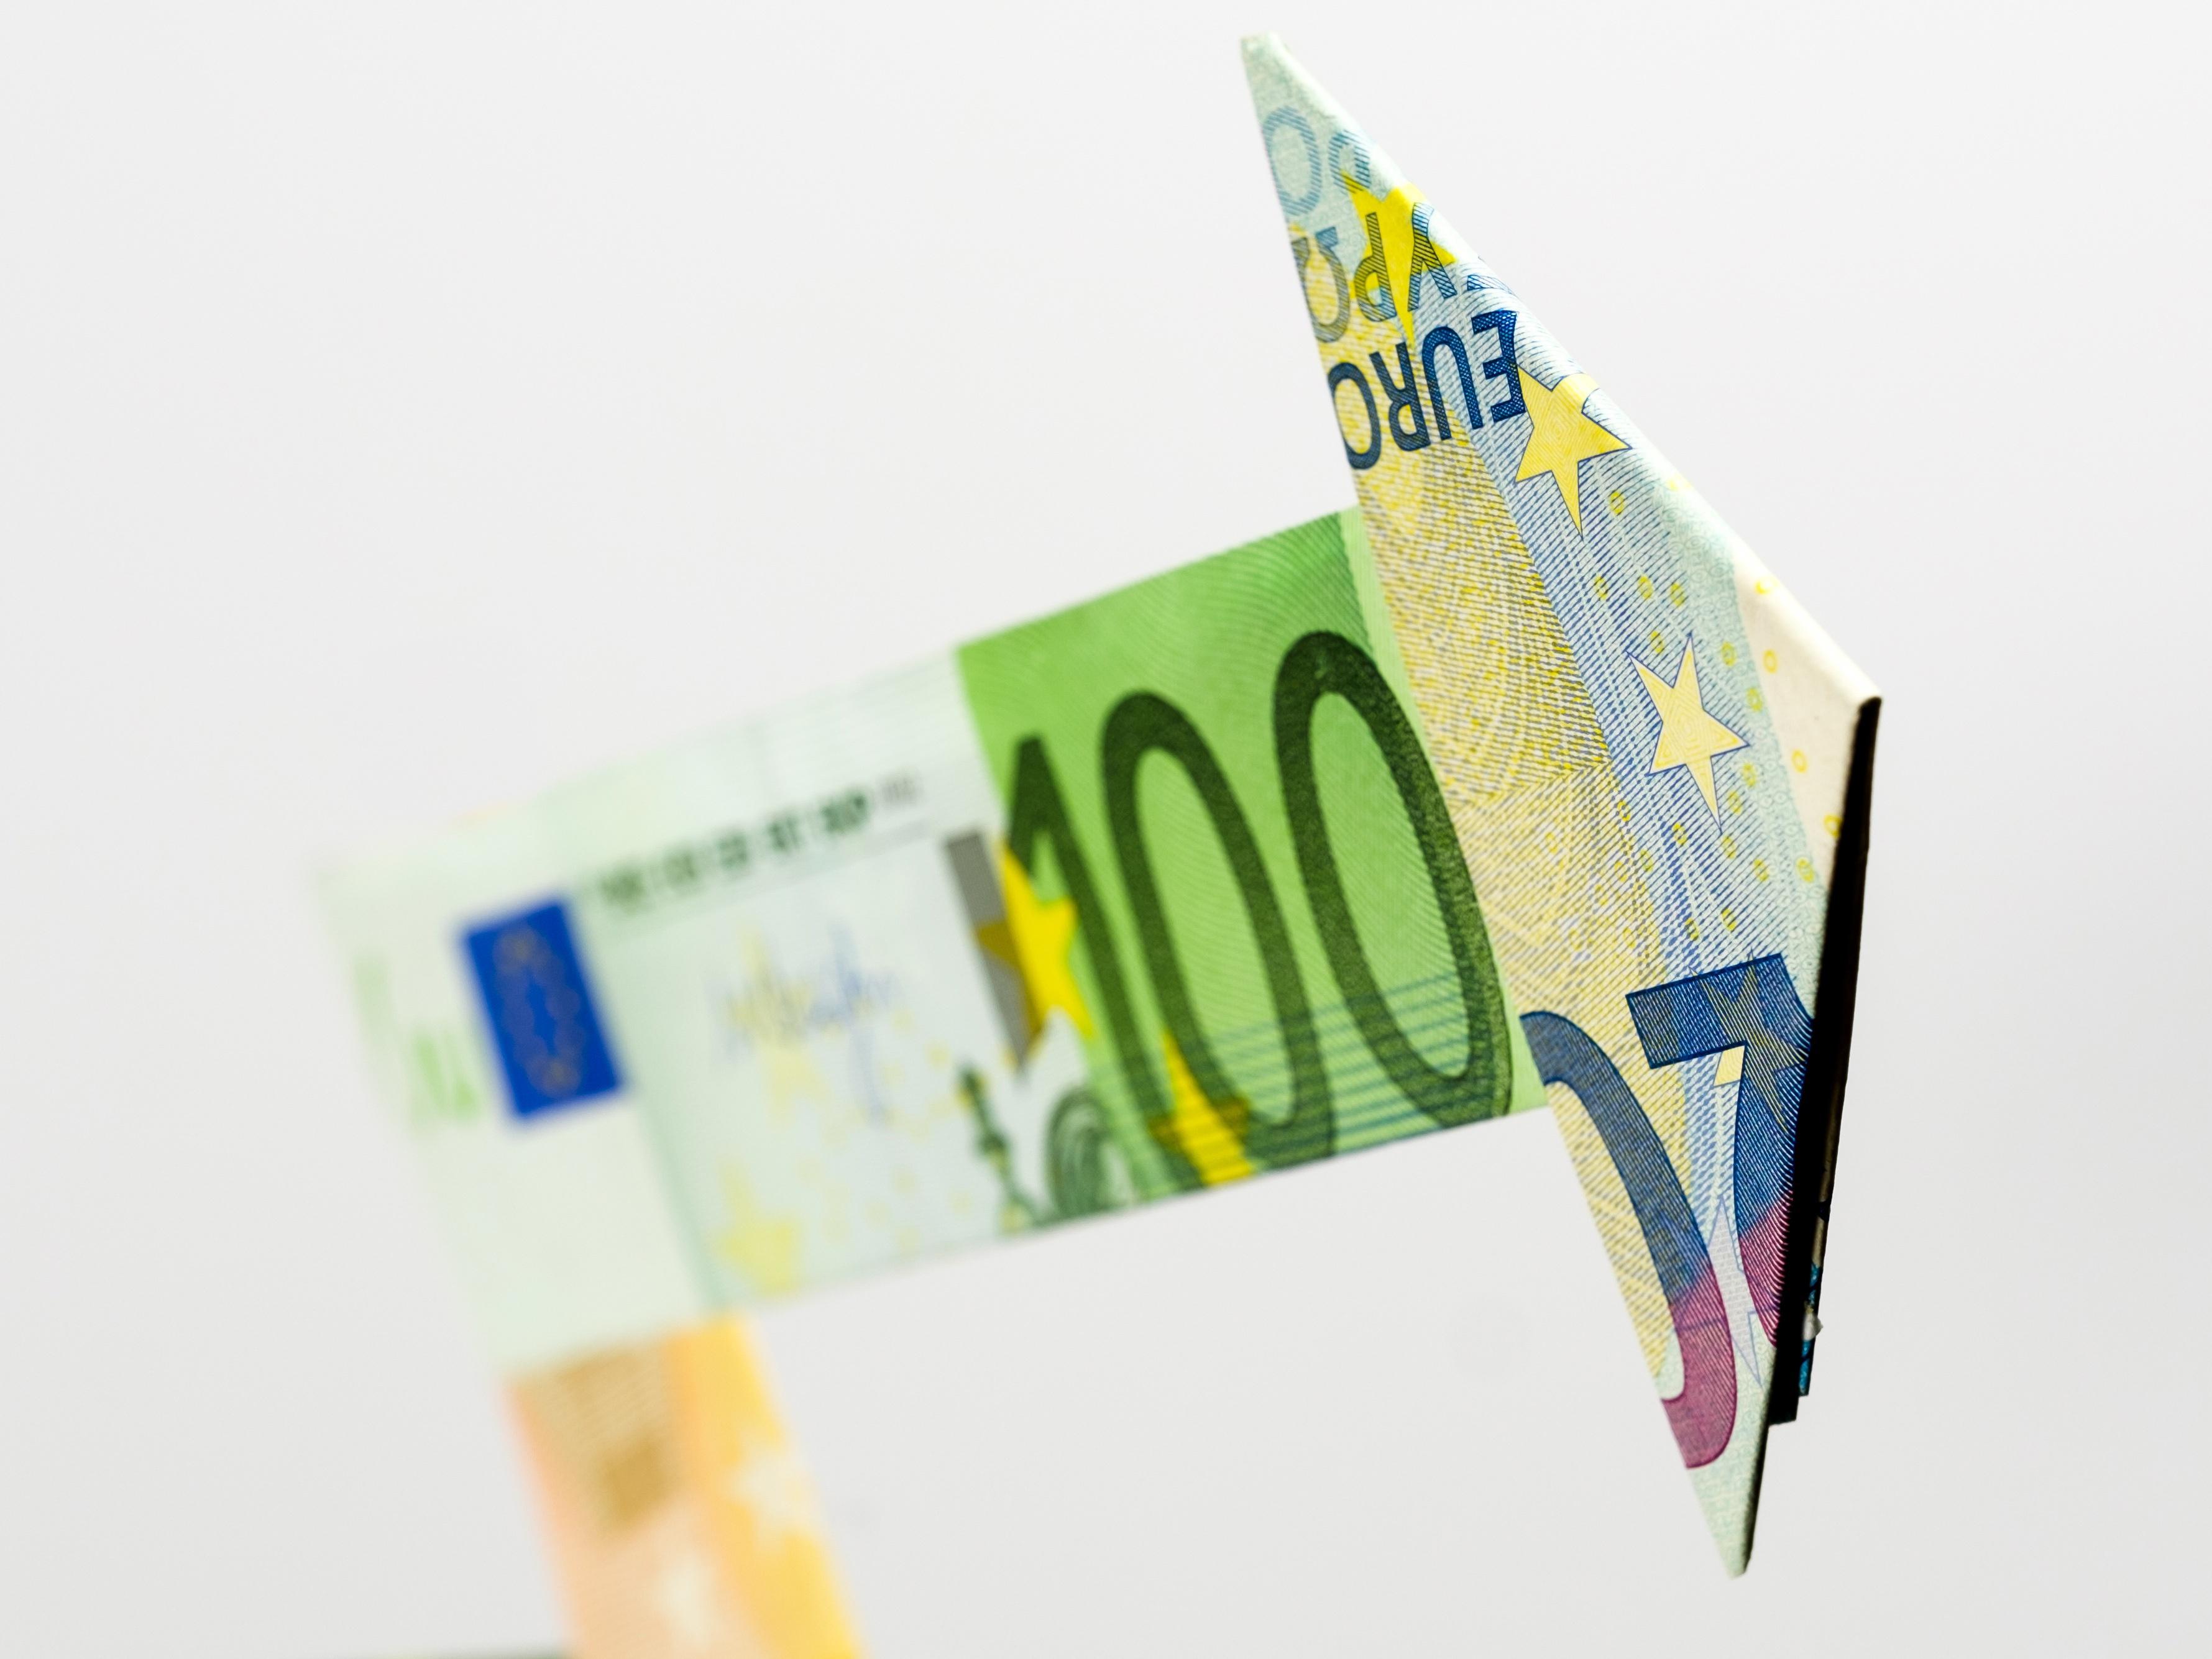 Tourismusfinanzierung Rheinland-Pfalz